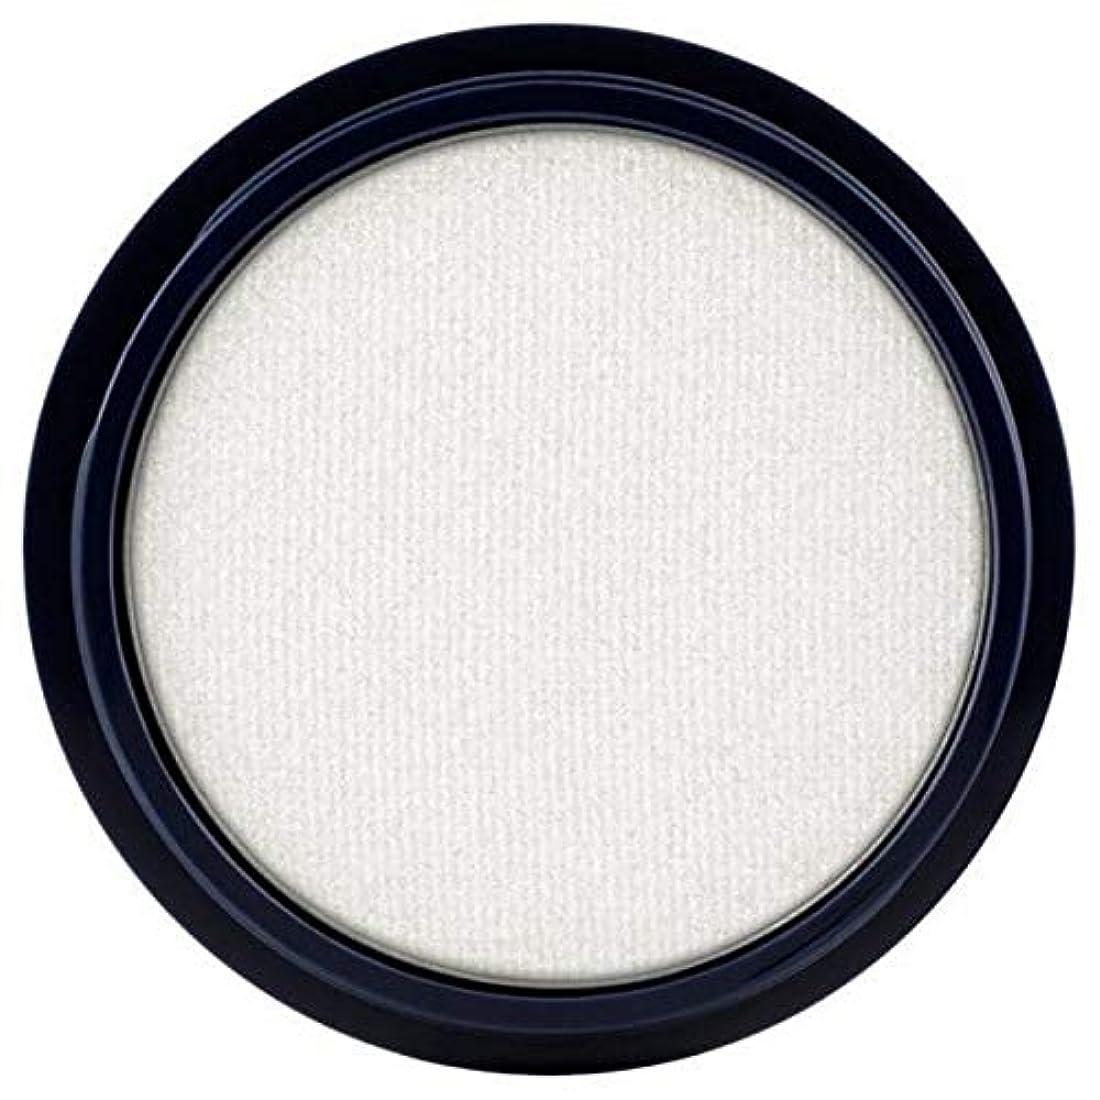 さらに論争の的アルファベット[Max Factor ] 白35 Definatマックスファクター野生シャドウアイシャドウポット - Max Factor Wild Shadow Eyeshadow Pot Definat White 35 [並行輸入品]